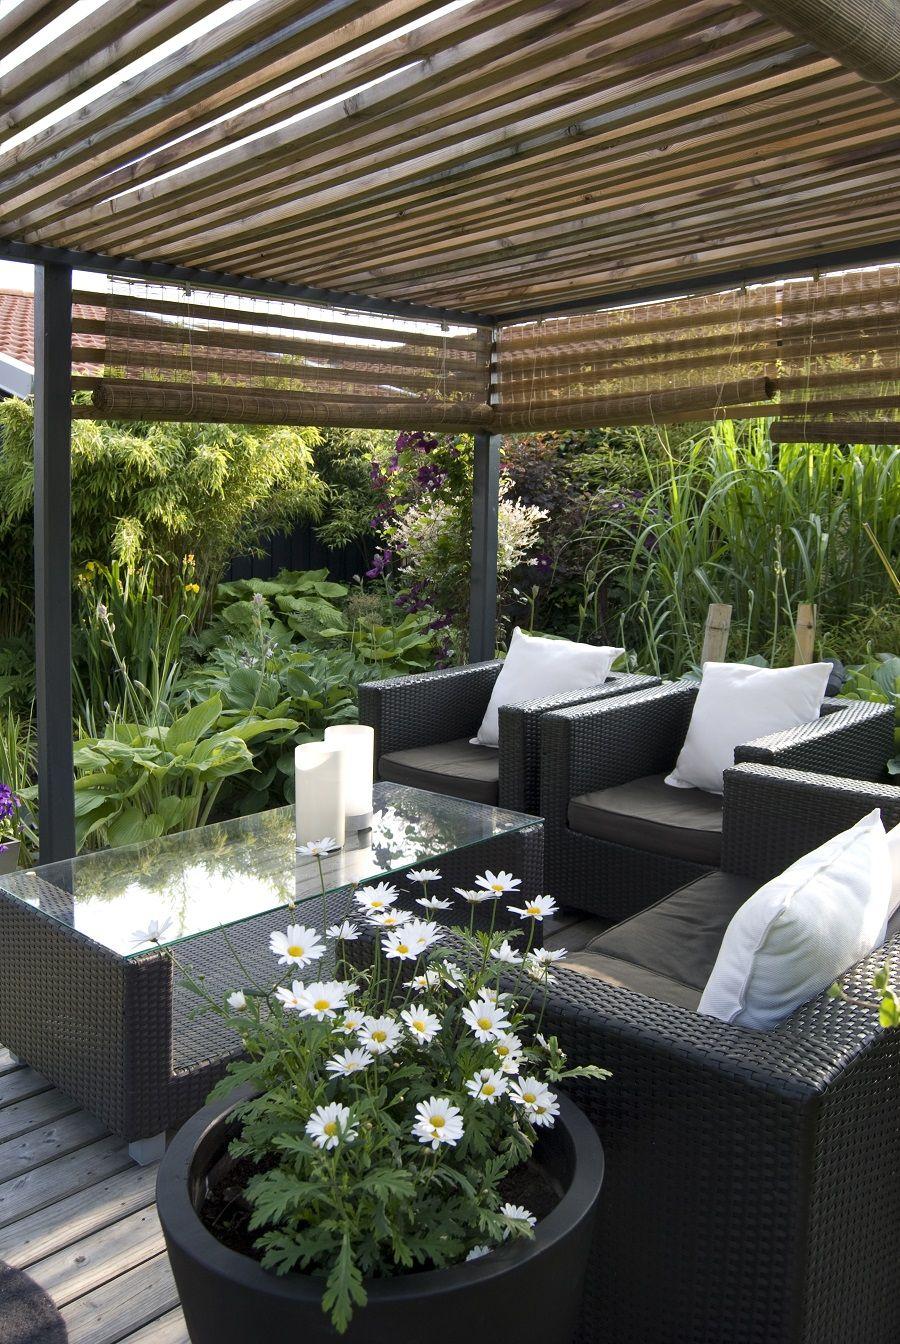 Leroymerlin Leroymerlinpolska Dlabohaterowdomu Domoweinspiracje Ogrod Garden Relaxation Mebleogrodowe Patio Pergola Pergola Patio